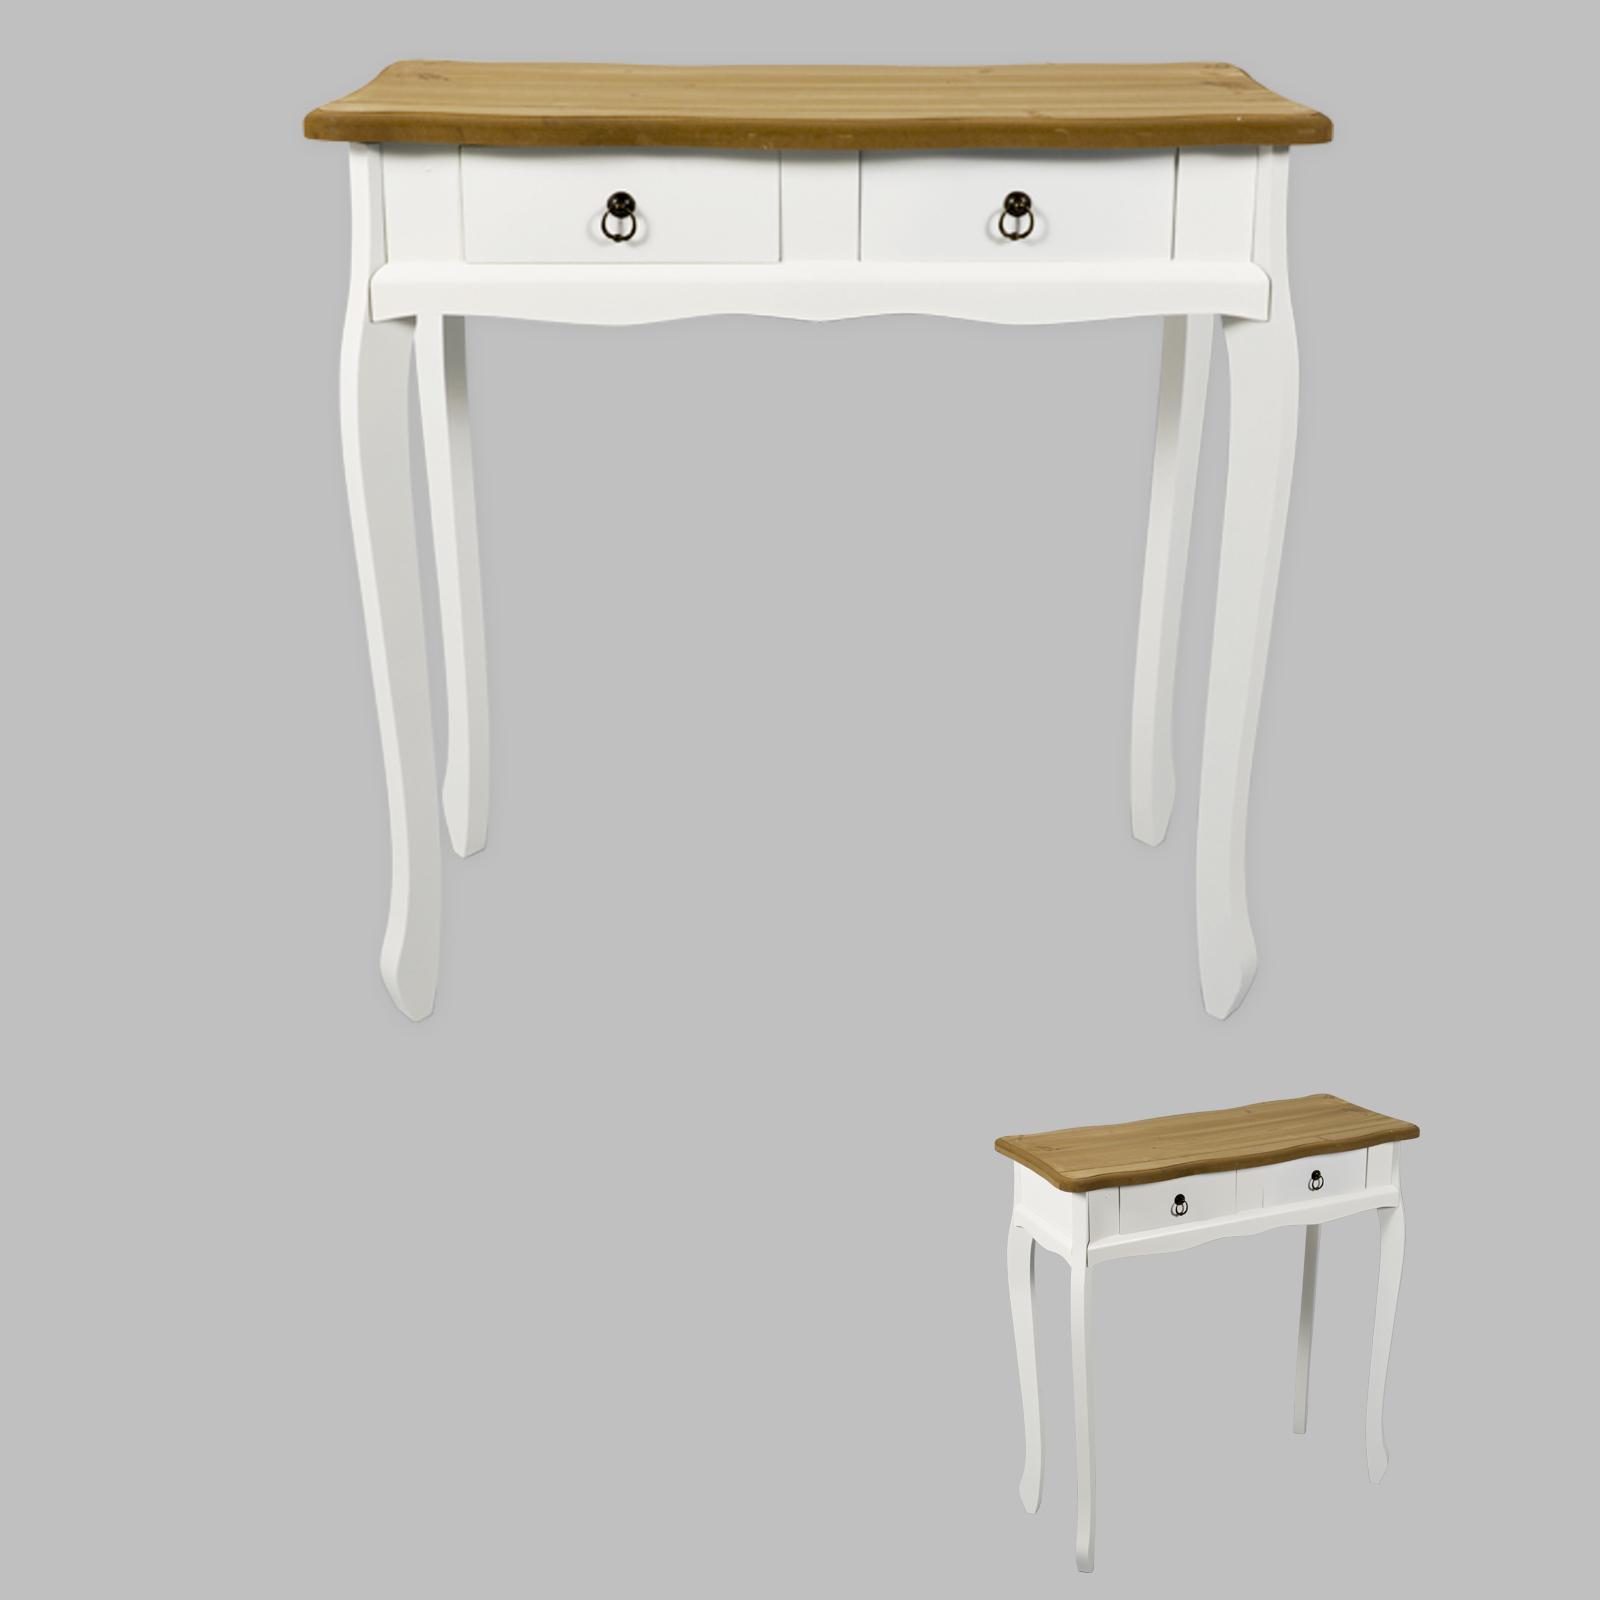 Kommode landhaus sideboard schrank beistelltisch tisch for Beistelltisch shabby